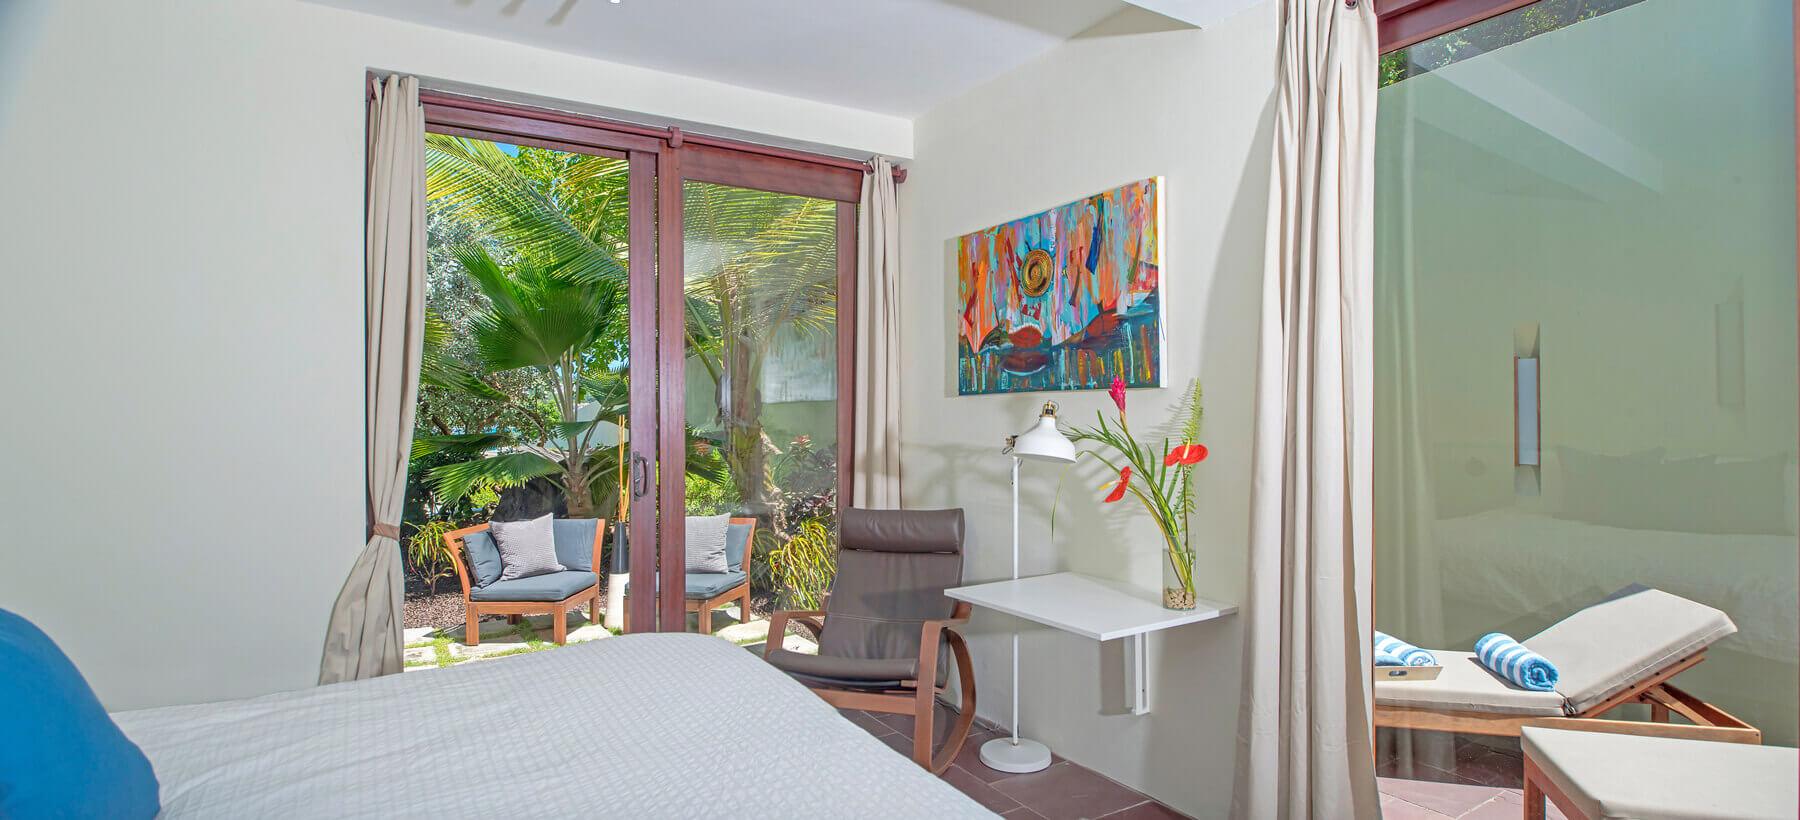 Garden villa's room